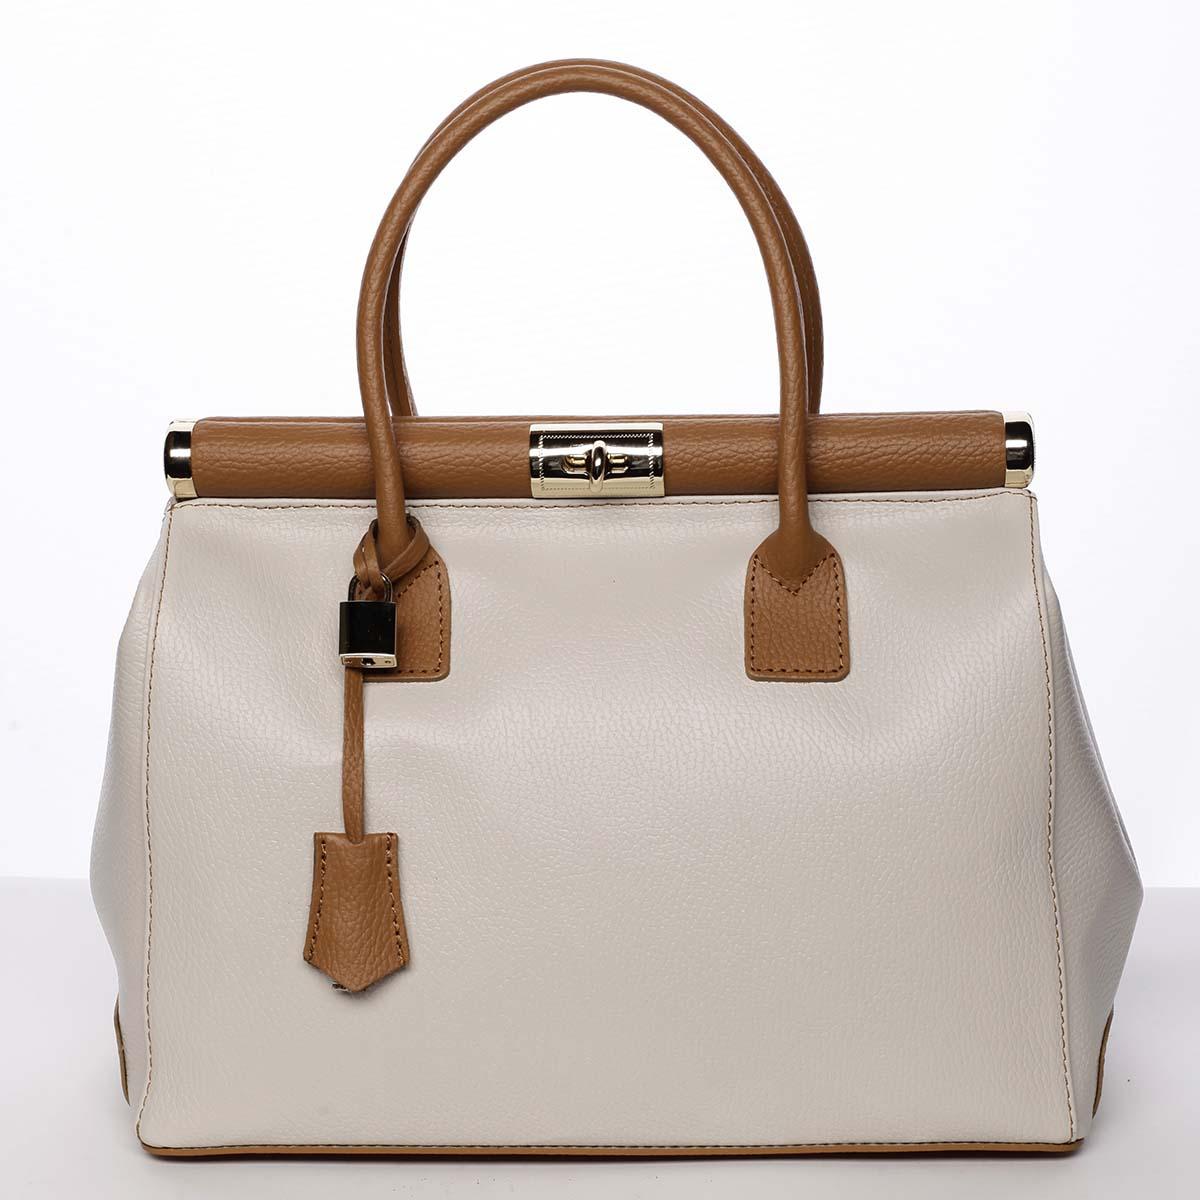 Módní originální dámská kožená kabelka do ruky béžová - ItalY Hila